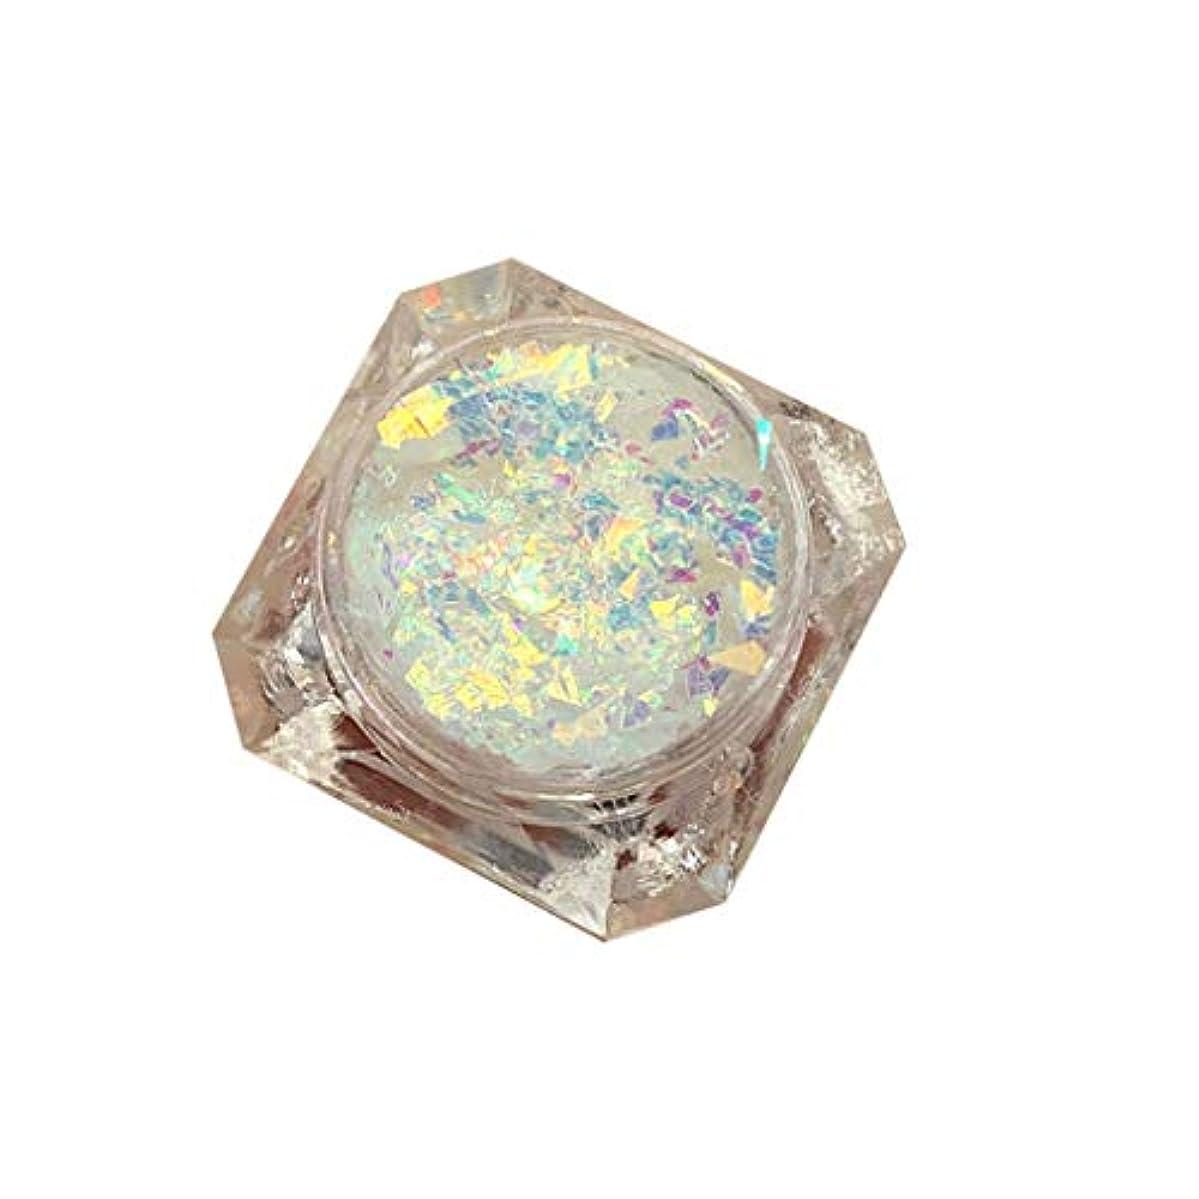 神秘衣装内なるGOOD lask 接着剤フリーのスパンコール混合ゲルジェルクリーム真珠光沢のある高光沢グリッターグリッターアイパウダールースパウダージェルシャドウセット (N)